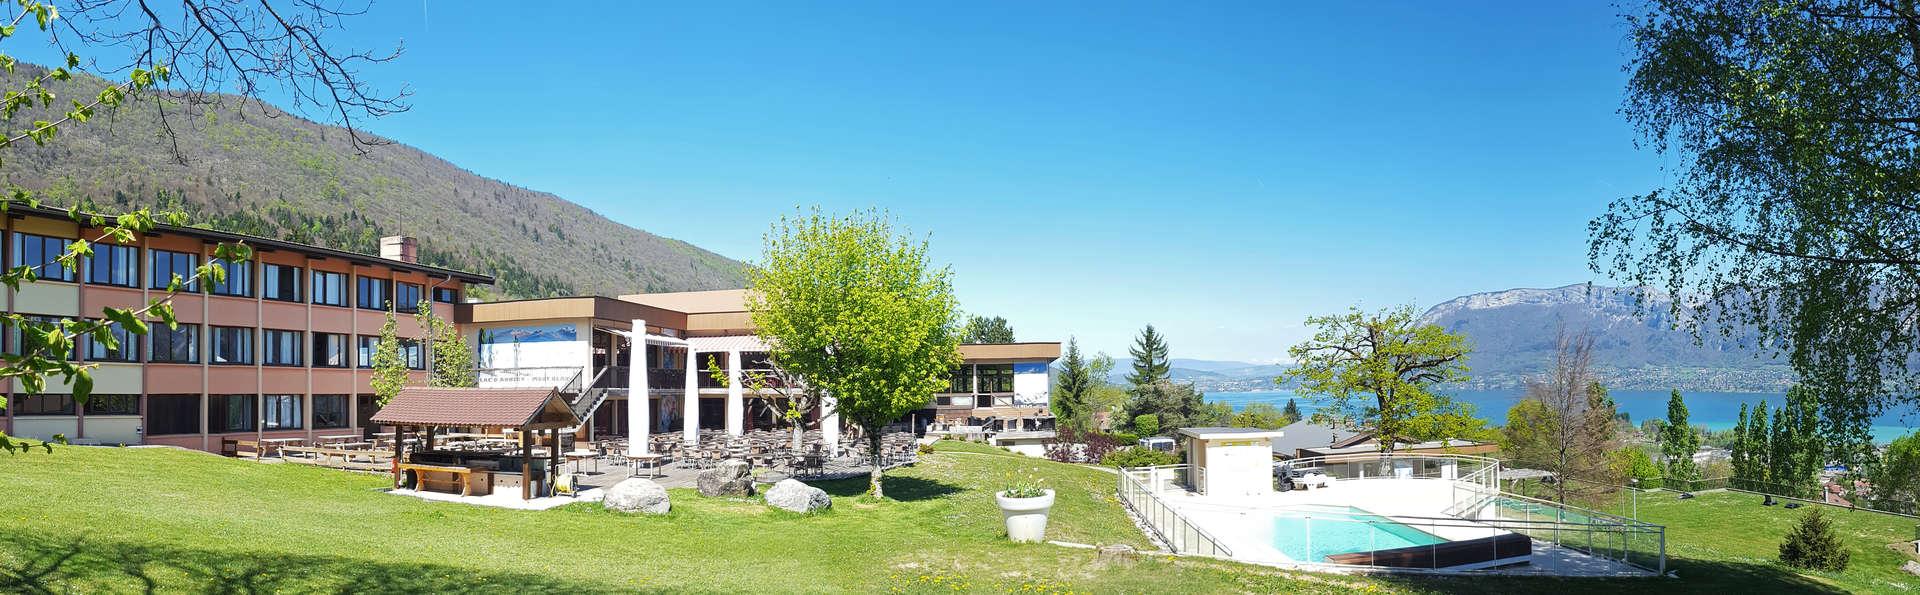 Village Club - NEACLUB Les Balcons du Lac d'Annecy - balcons-vue.jpg